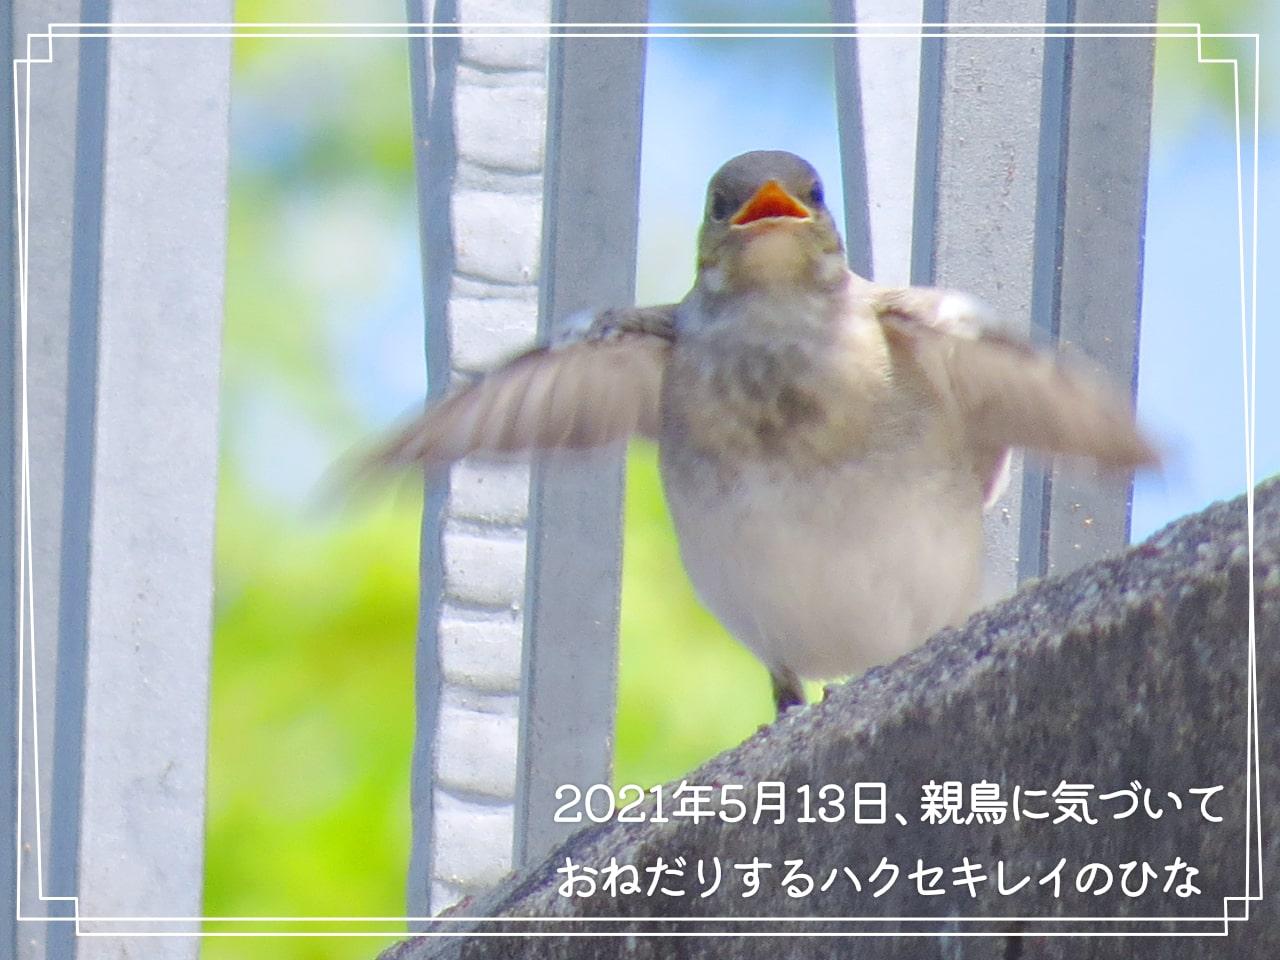 2021年5月13日、羽をばたつかせるハクセキレイのひなの写真